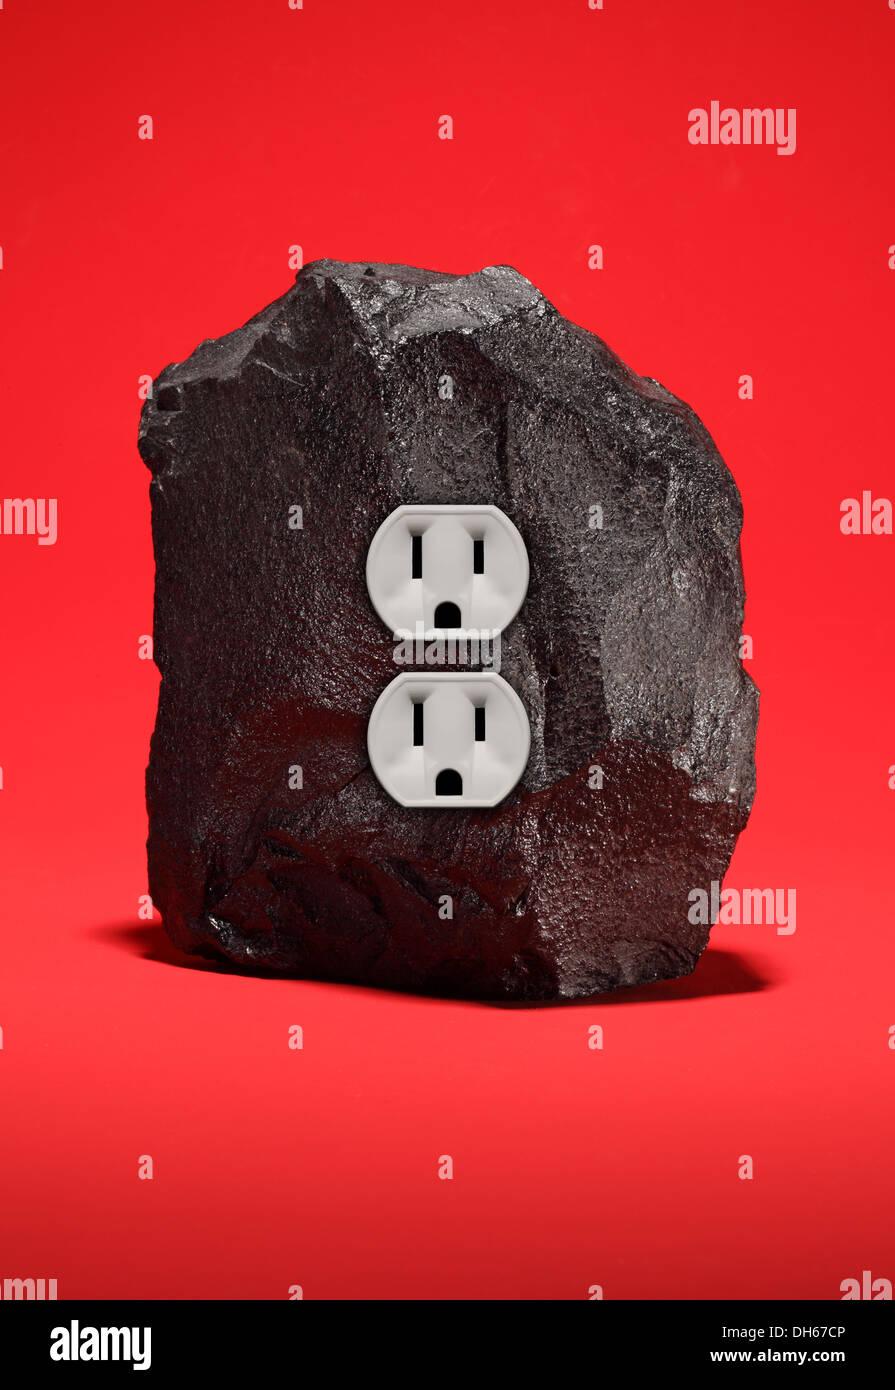 Un grand morceau de charbon noir avec une prise électrique double. Fond rouge brillant Photo Stock